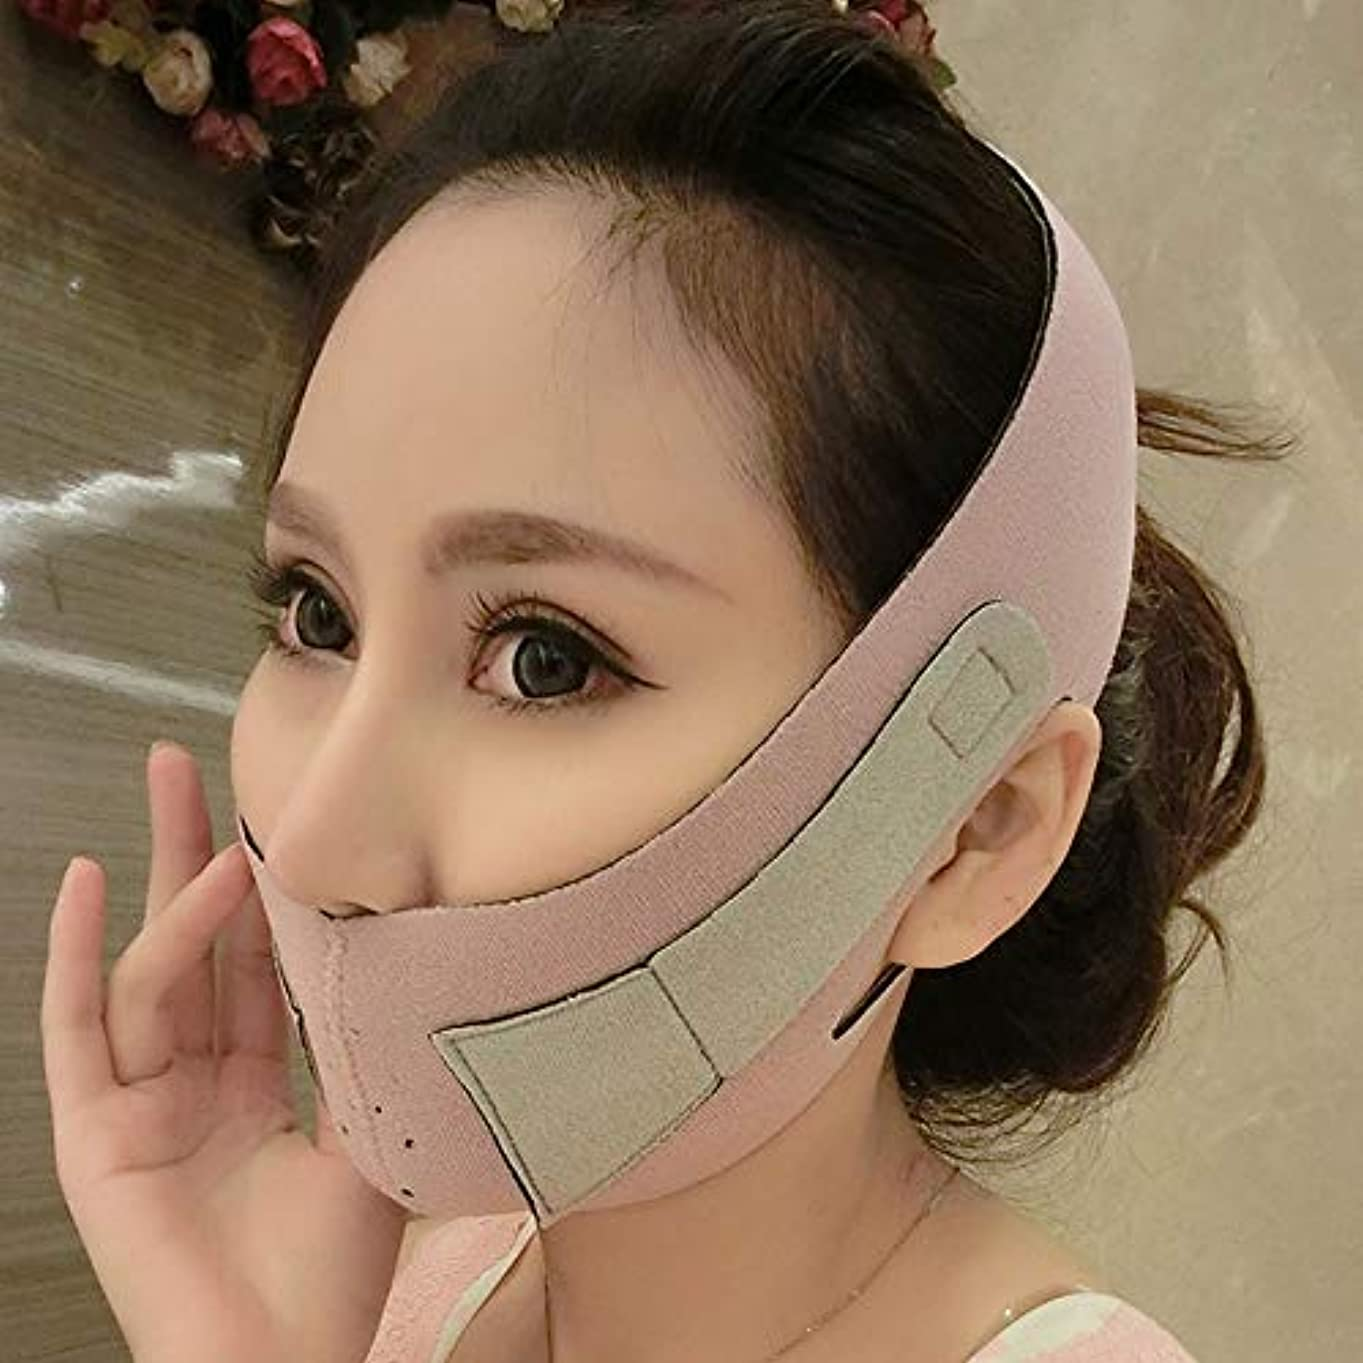 民間委託アライメント飛強強 シンフェイス包帯シンフェイスマスクフェイスリフトアーティファクトレイズVフェイスシンフェイスフェイスリフティング美容マスク小フェイス包帯 スリムフィット美容ツール (Color : B)